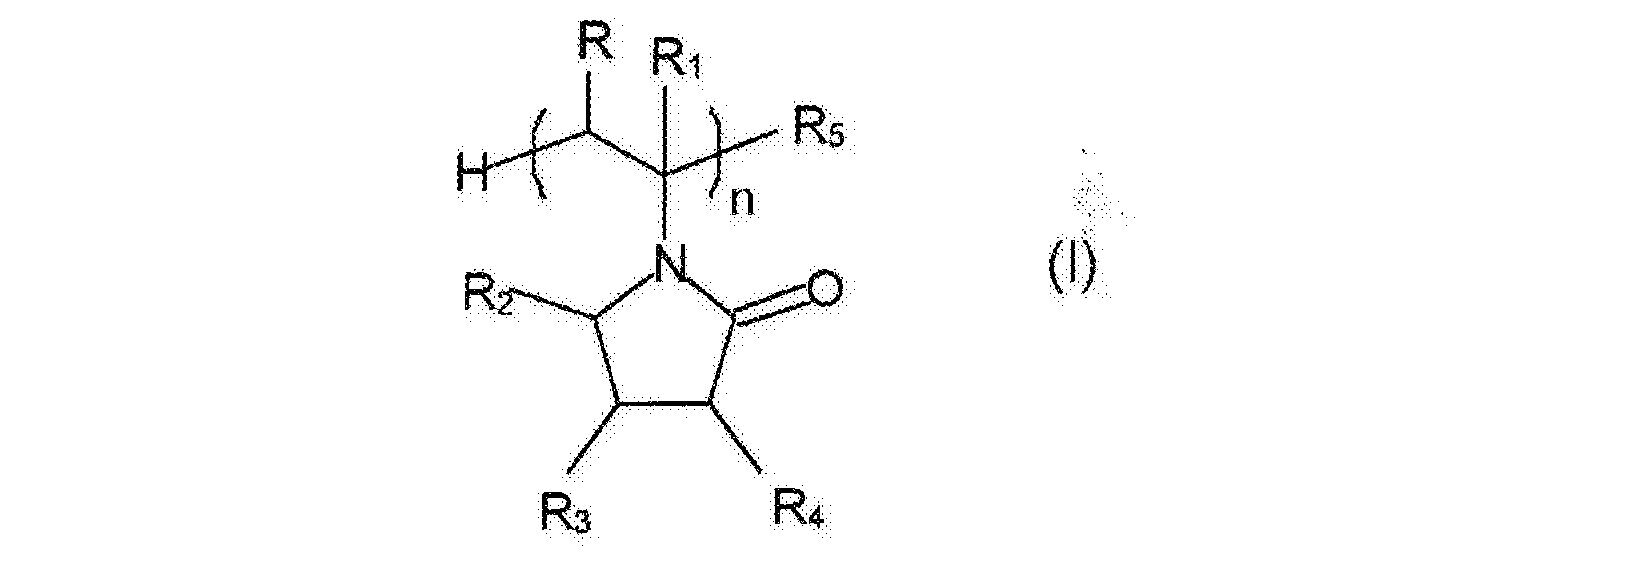 Figure CN103391852BC00021